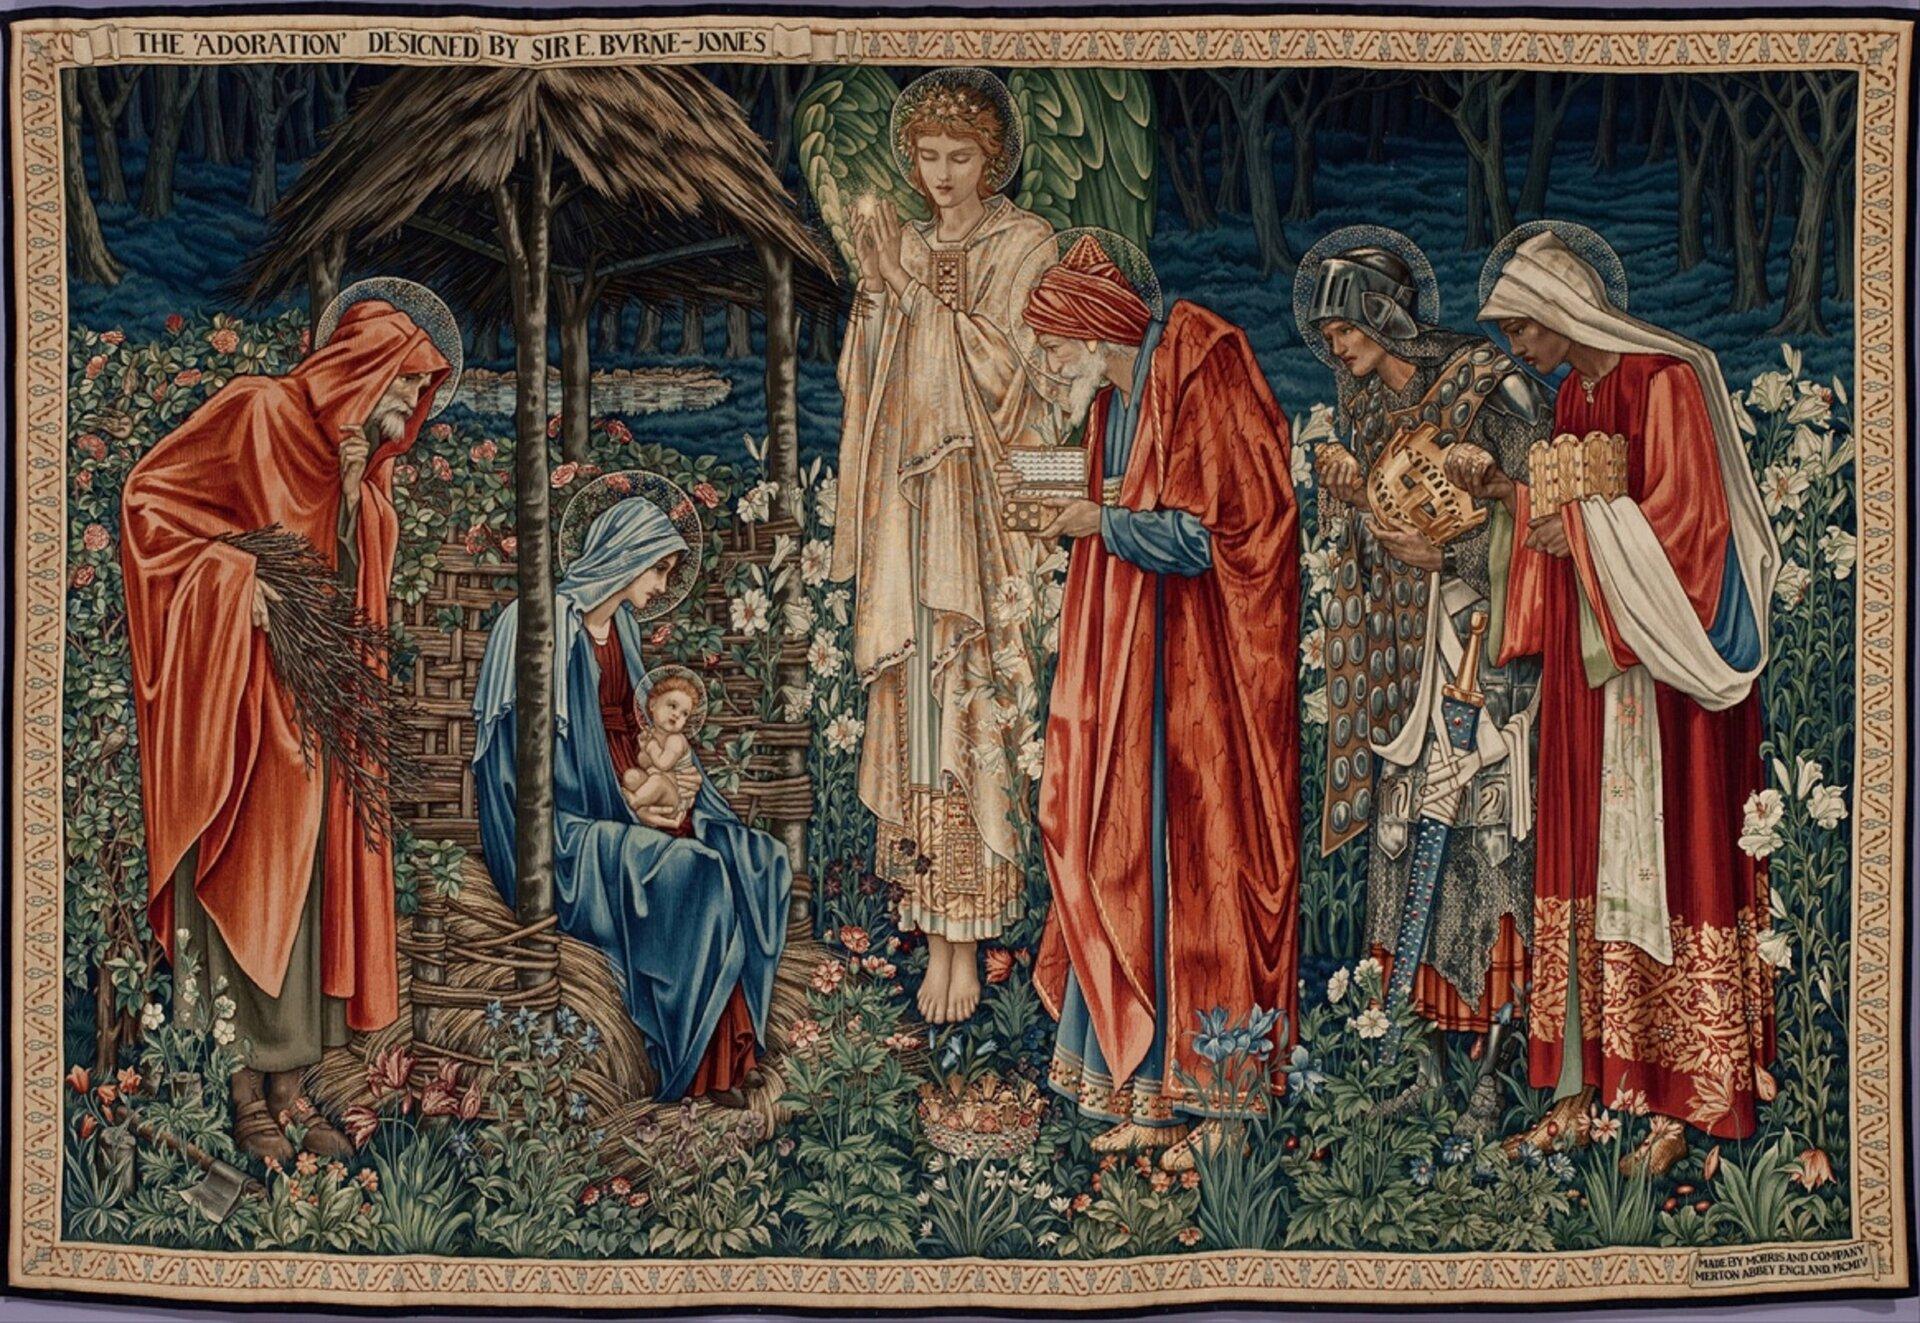 """Ilustracja przedstawia dzieło Edwarda Burne'a-Jones'a """"Gwiazda zBetlejem"""". Ukazuje scenę zMaryją trzymającą Jezusa na kolanach iświętym Józefem, stojącym po lewej stronie obrazu. Po prawej stoją trzej królowie wodświętnych szatach, trzymając wdłoniach dary. Pomiędzy grupami, nad ziemią, unosi się anioł zzielono-żółtymi skrzydłami, ubrany wbiałą szatę. Wokół całej sceny rosną kwiaty. Za aniołem ikrólami przestrzeń wypełniają długie, białe lilie. Wtle znajduje się ciemny las."""